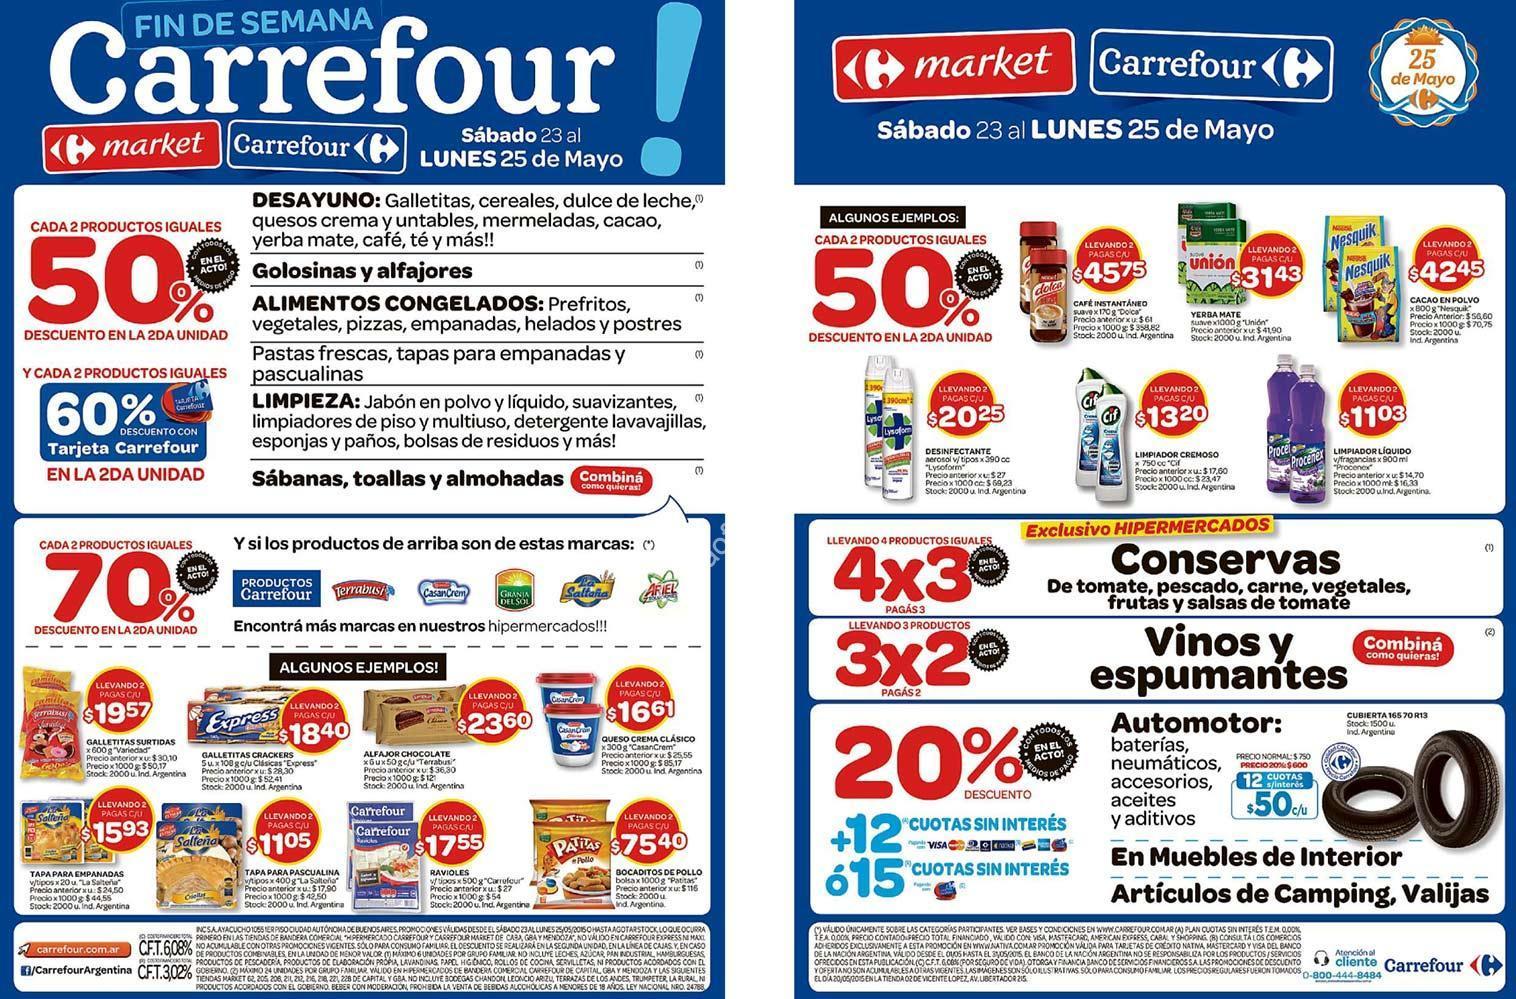 Oferta Carrefour fin de semana: Hasta 70% de descuento y 4